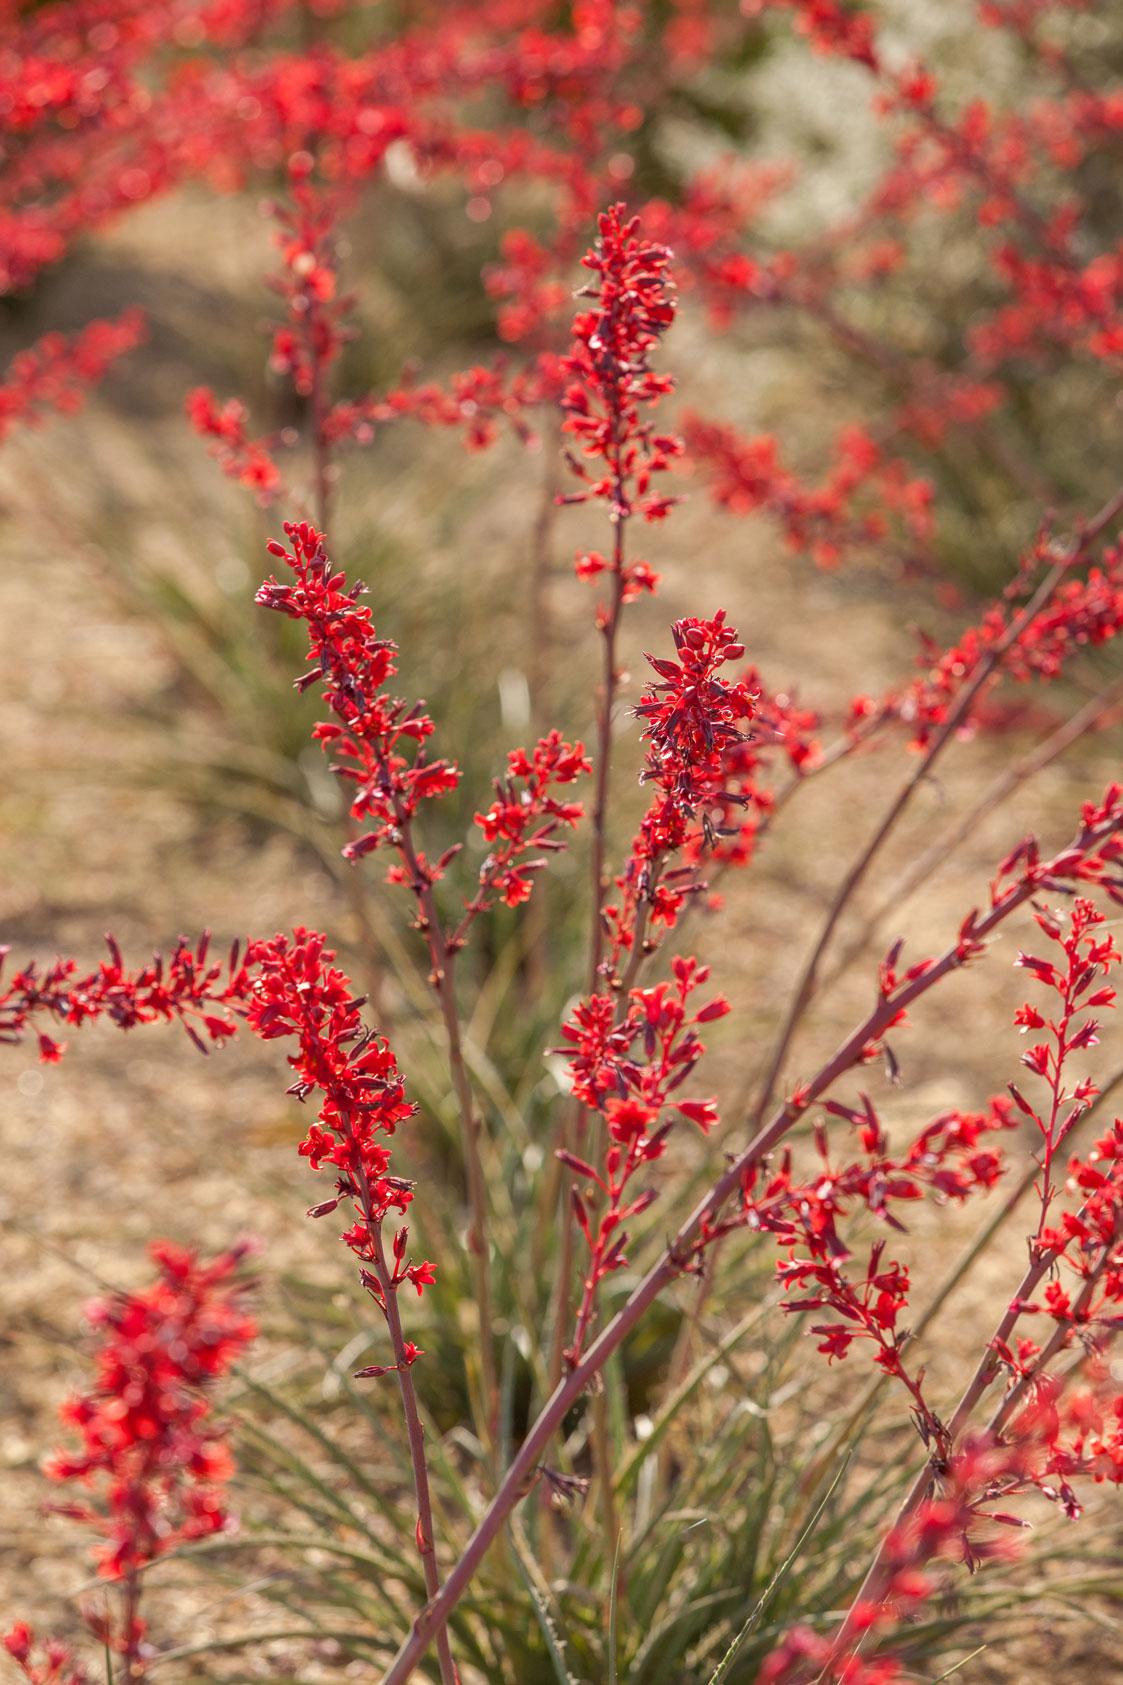 Multiple stalks of Brakelights Hesperaloe full of deep red blooms.